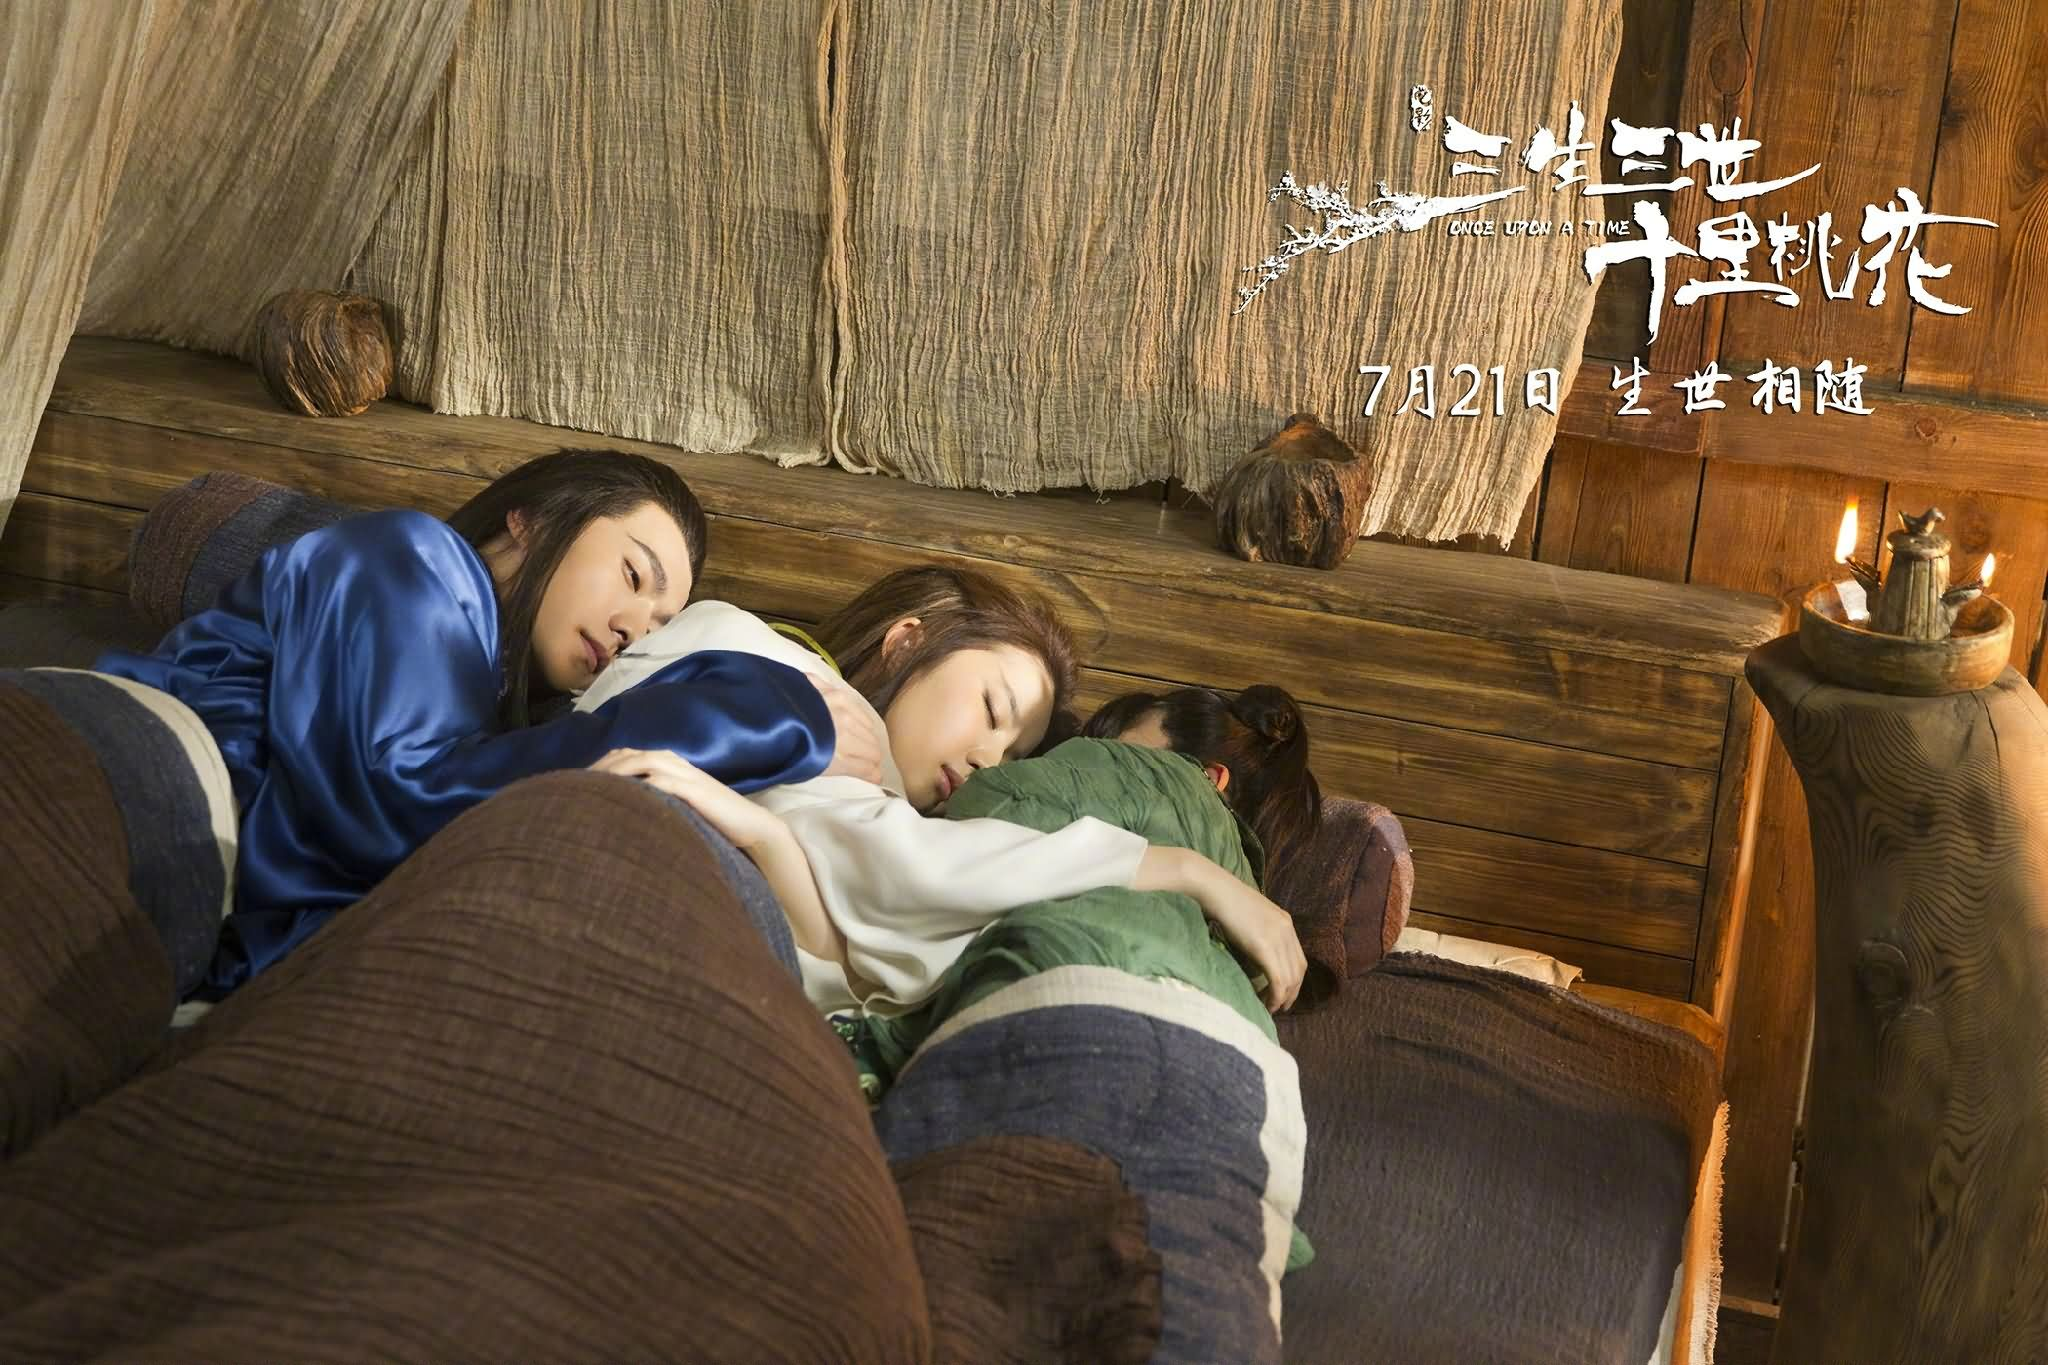 《三生三世》发布全新剧照 三口之家,互动温馨